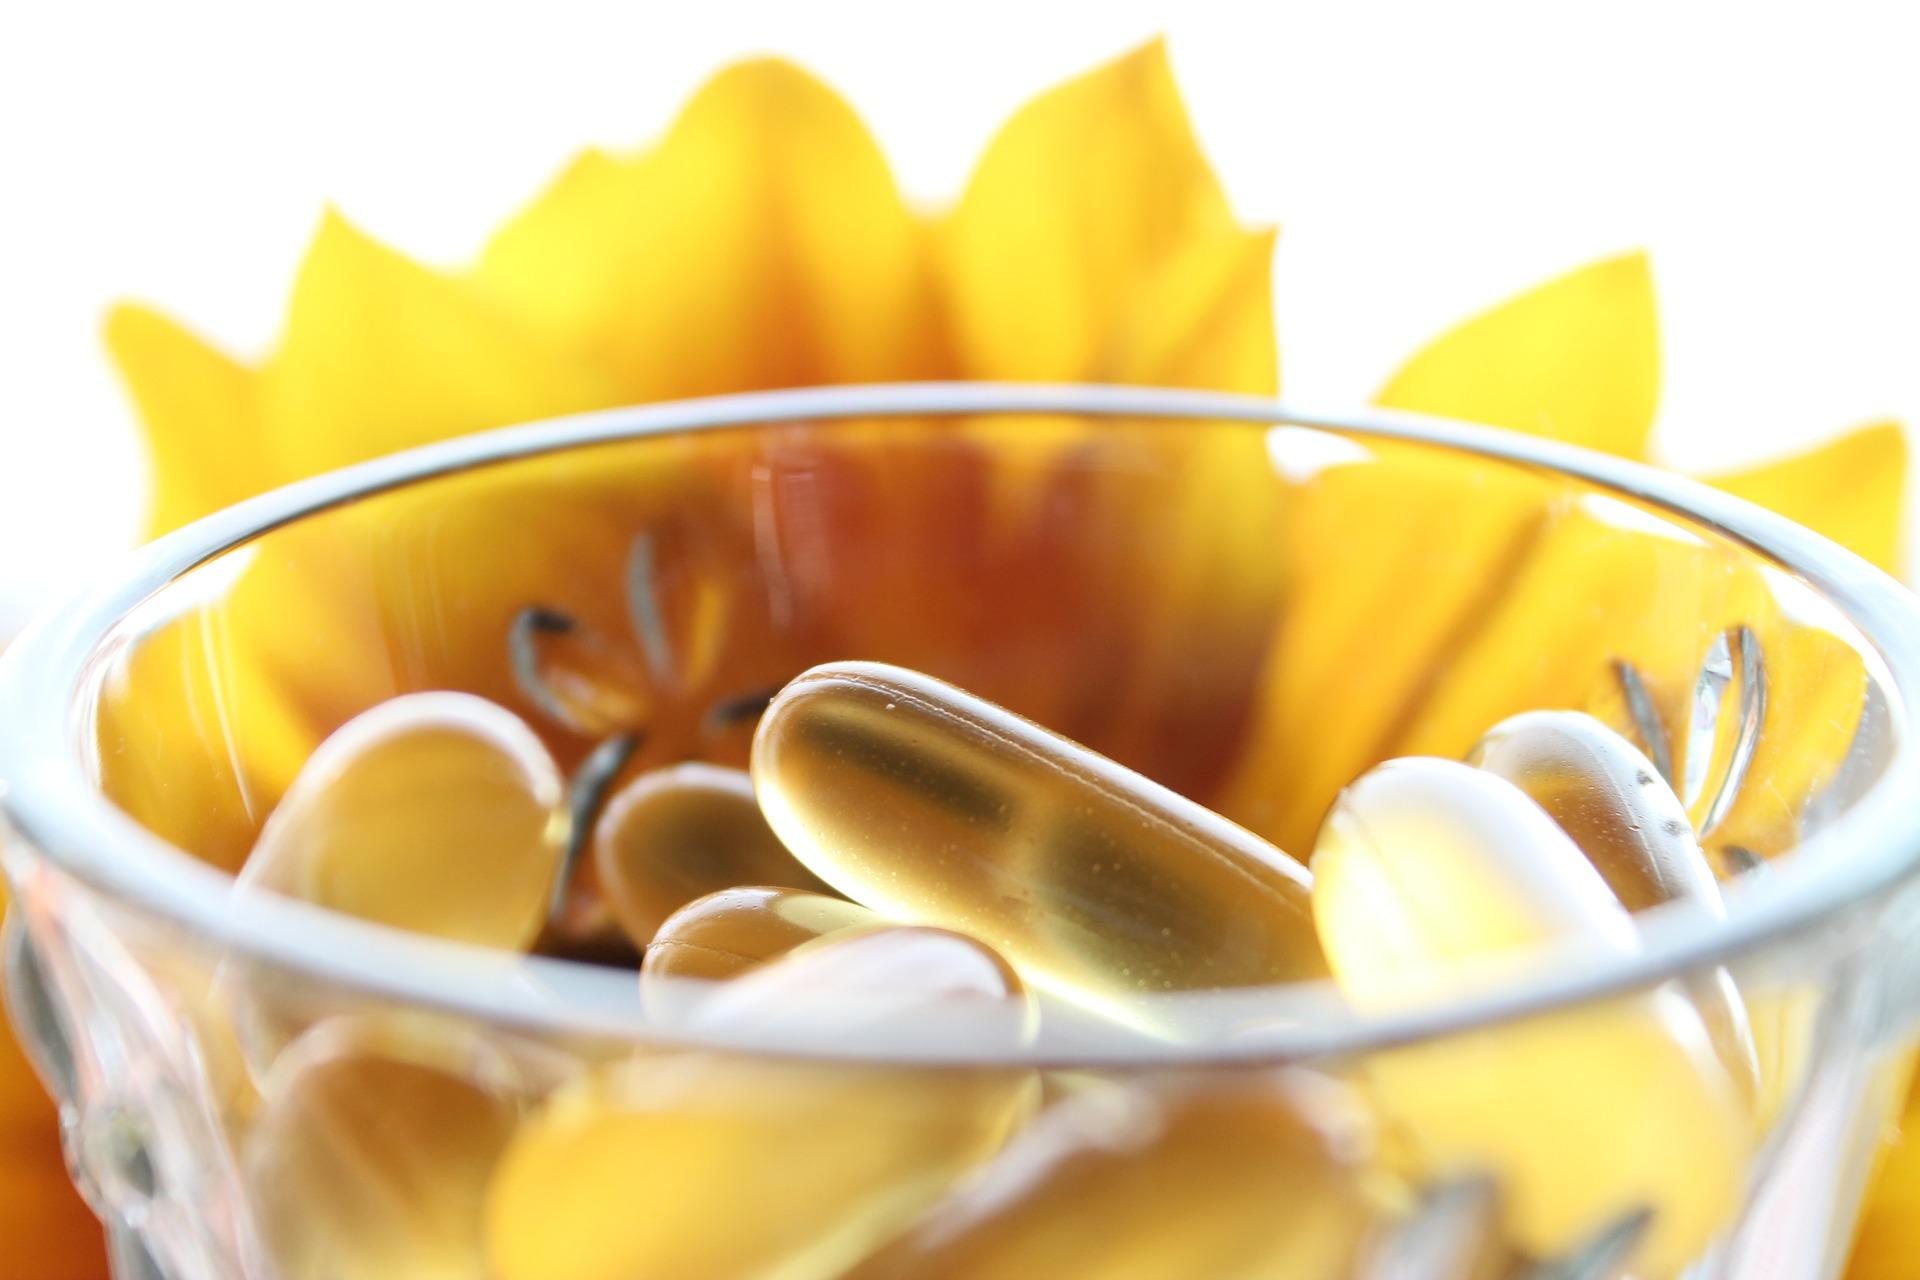 el Hidroxitirosol se encuentra presente en el olivo